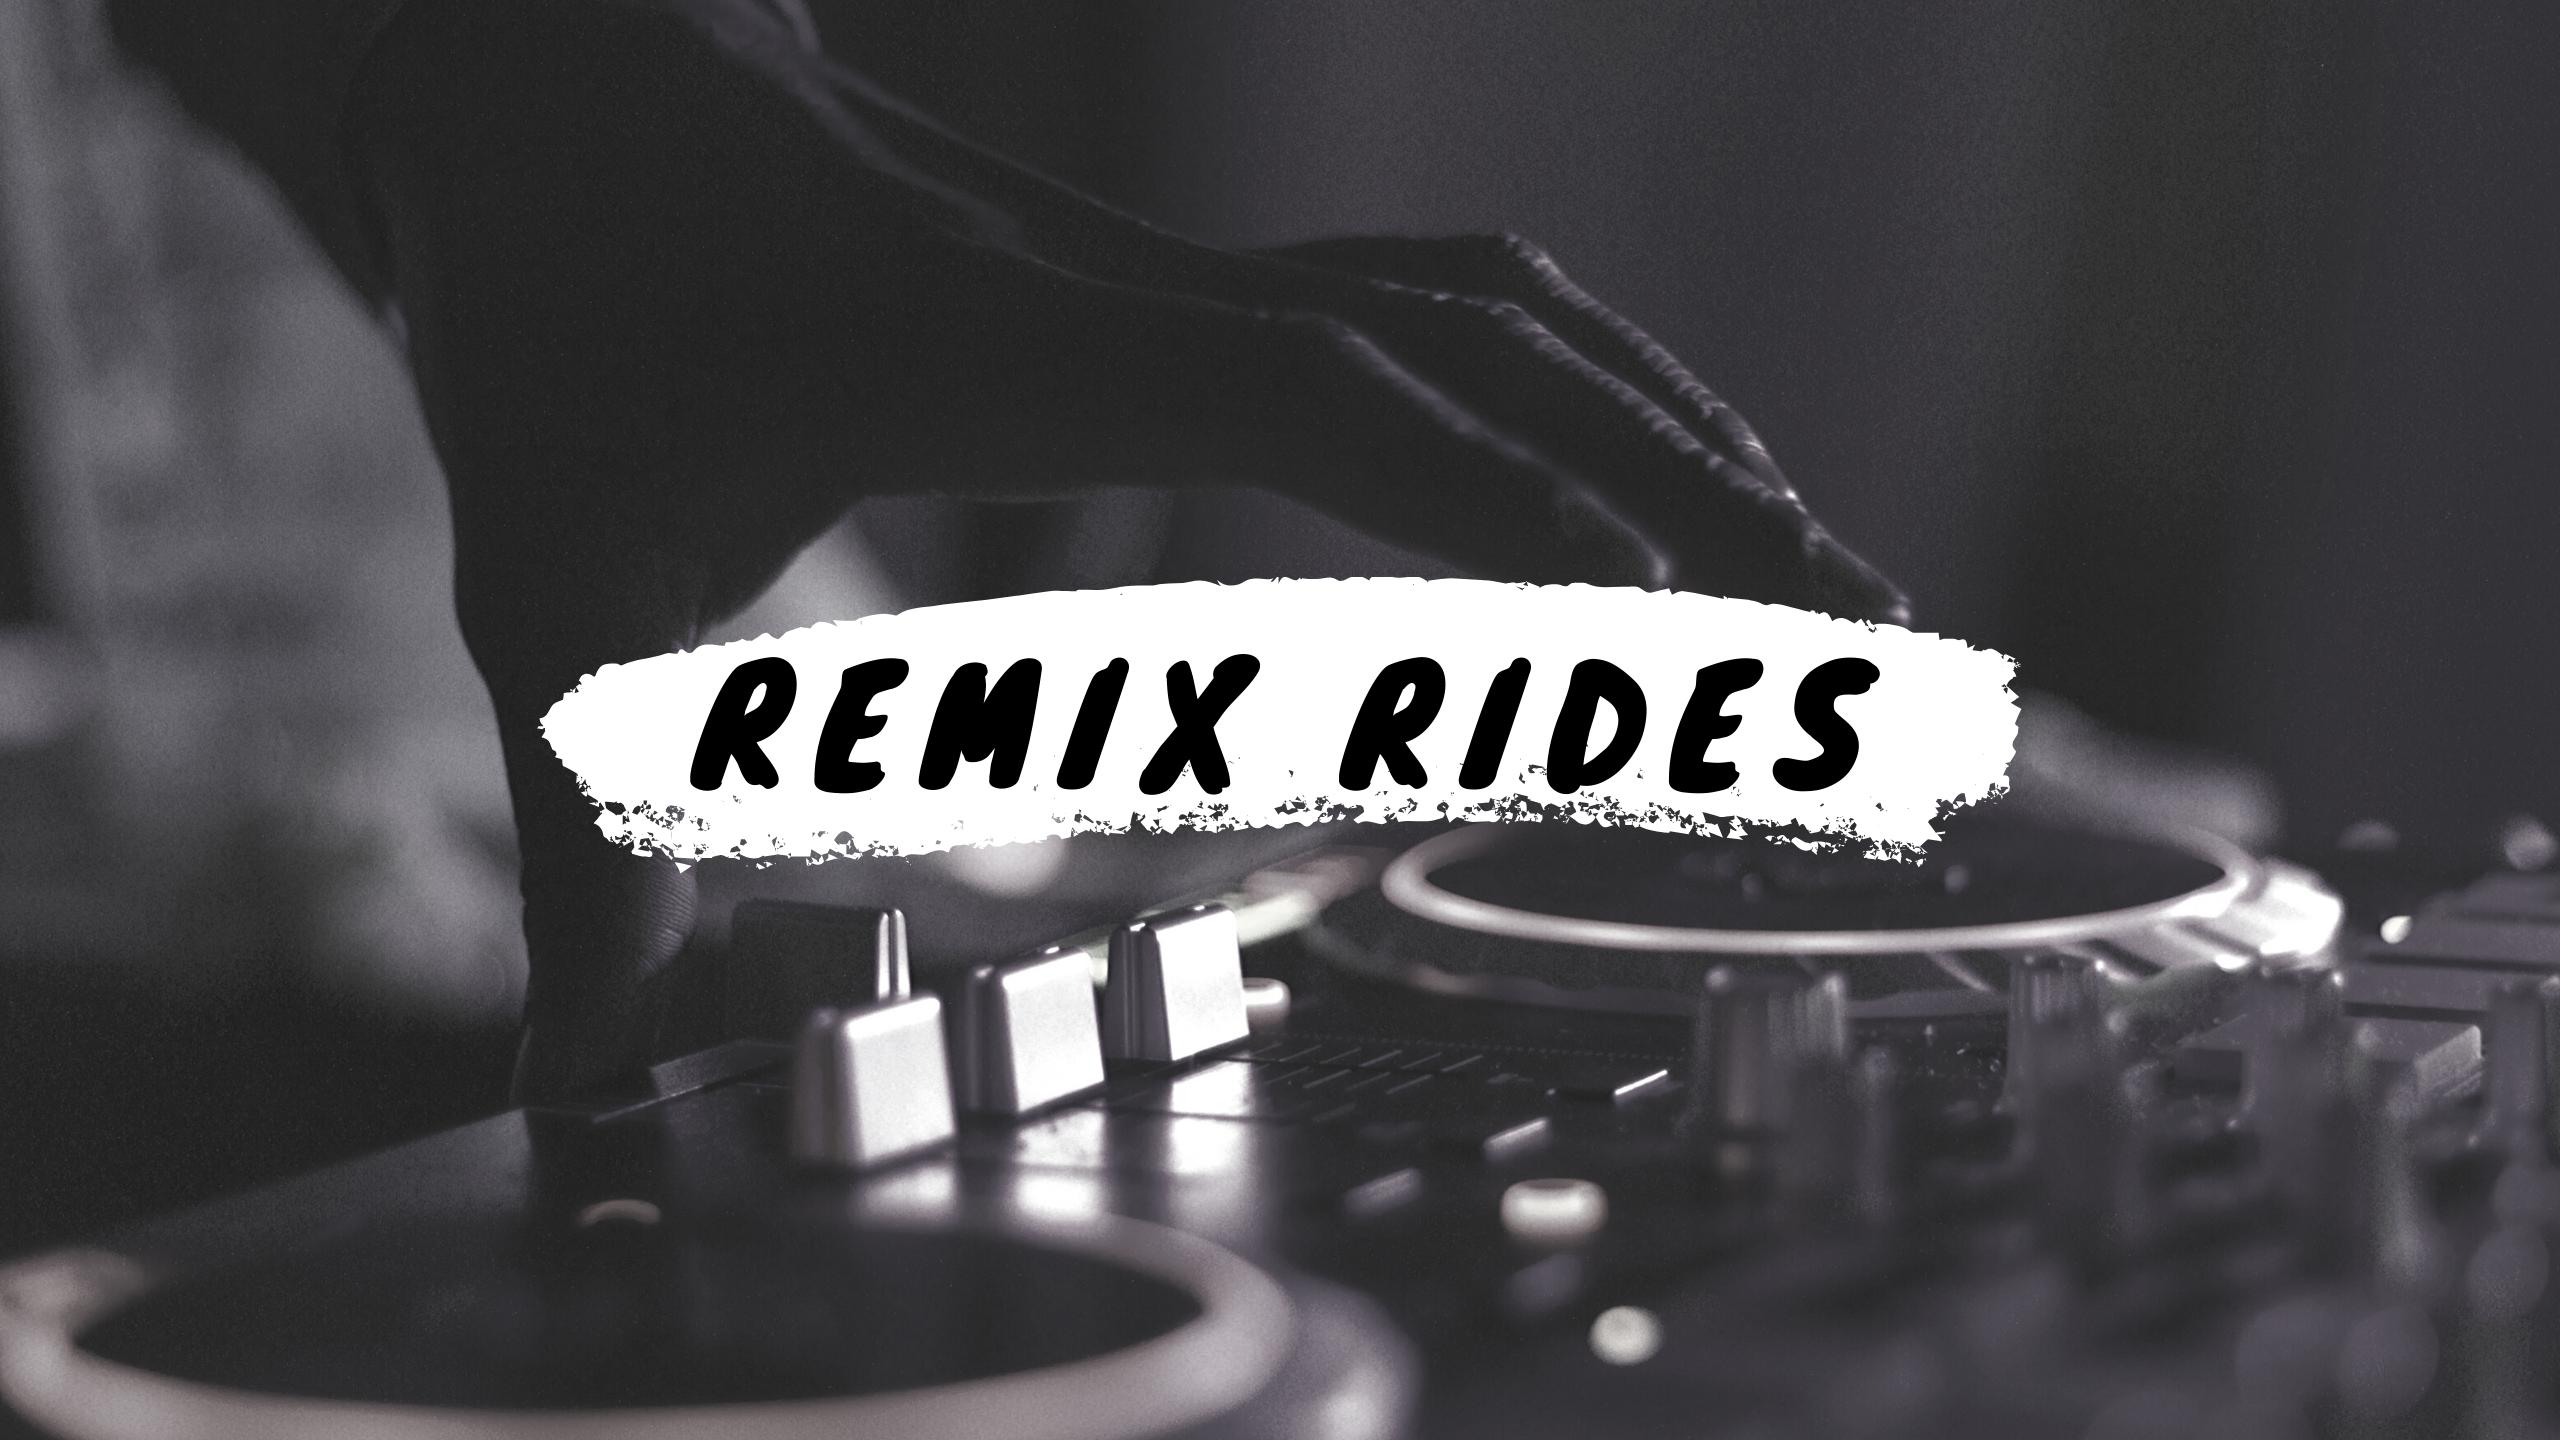 Remix Rides